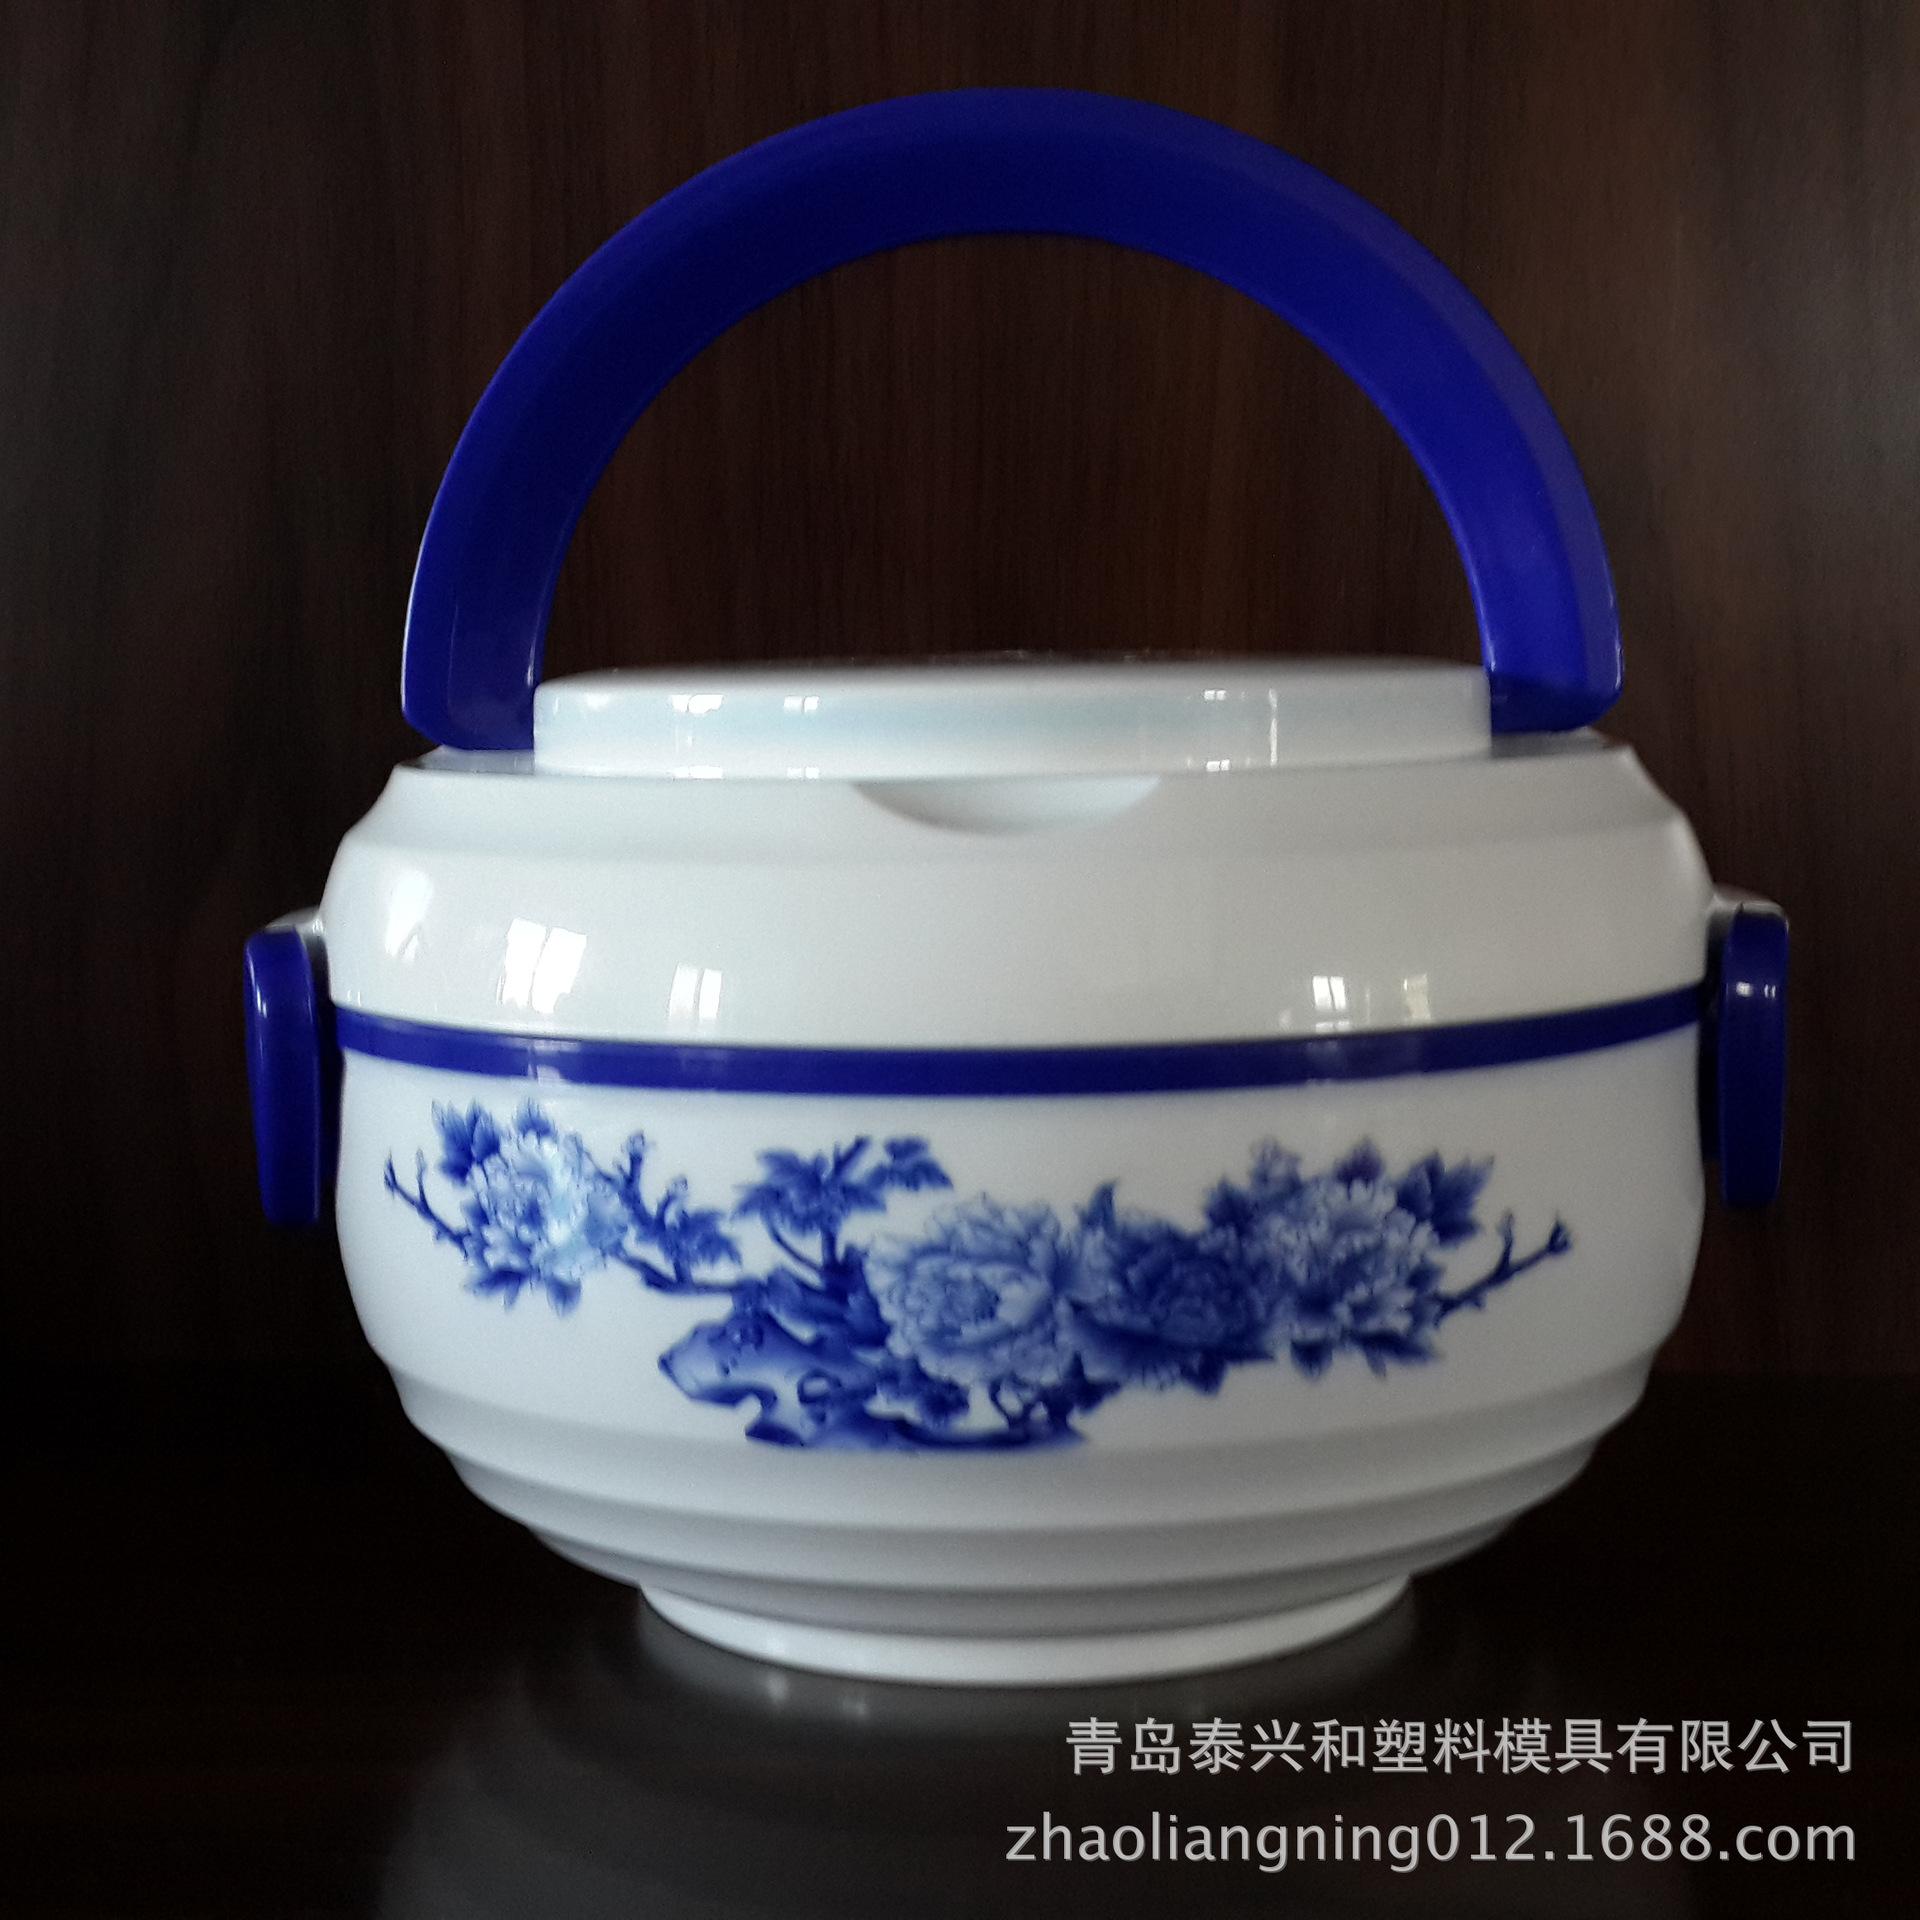 烟台厂家直销新款 pp包装盒 食品级酱盒 国韵青花豆瓣酱盒 中国风